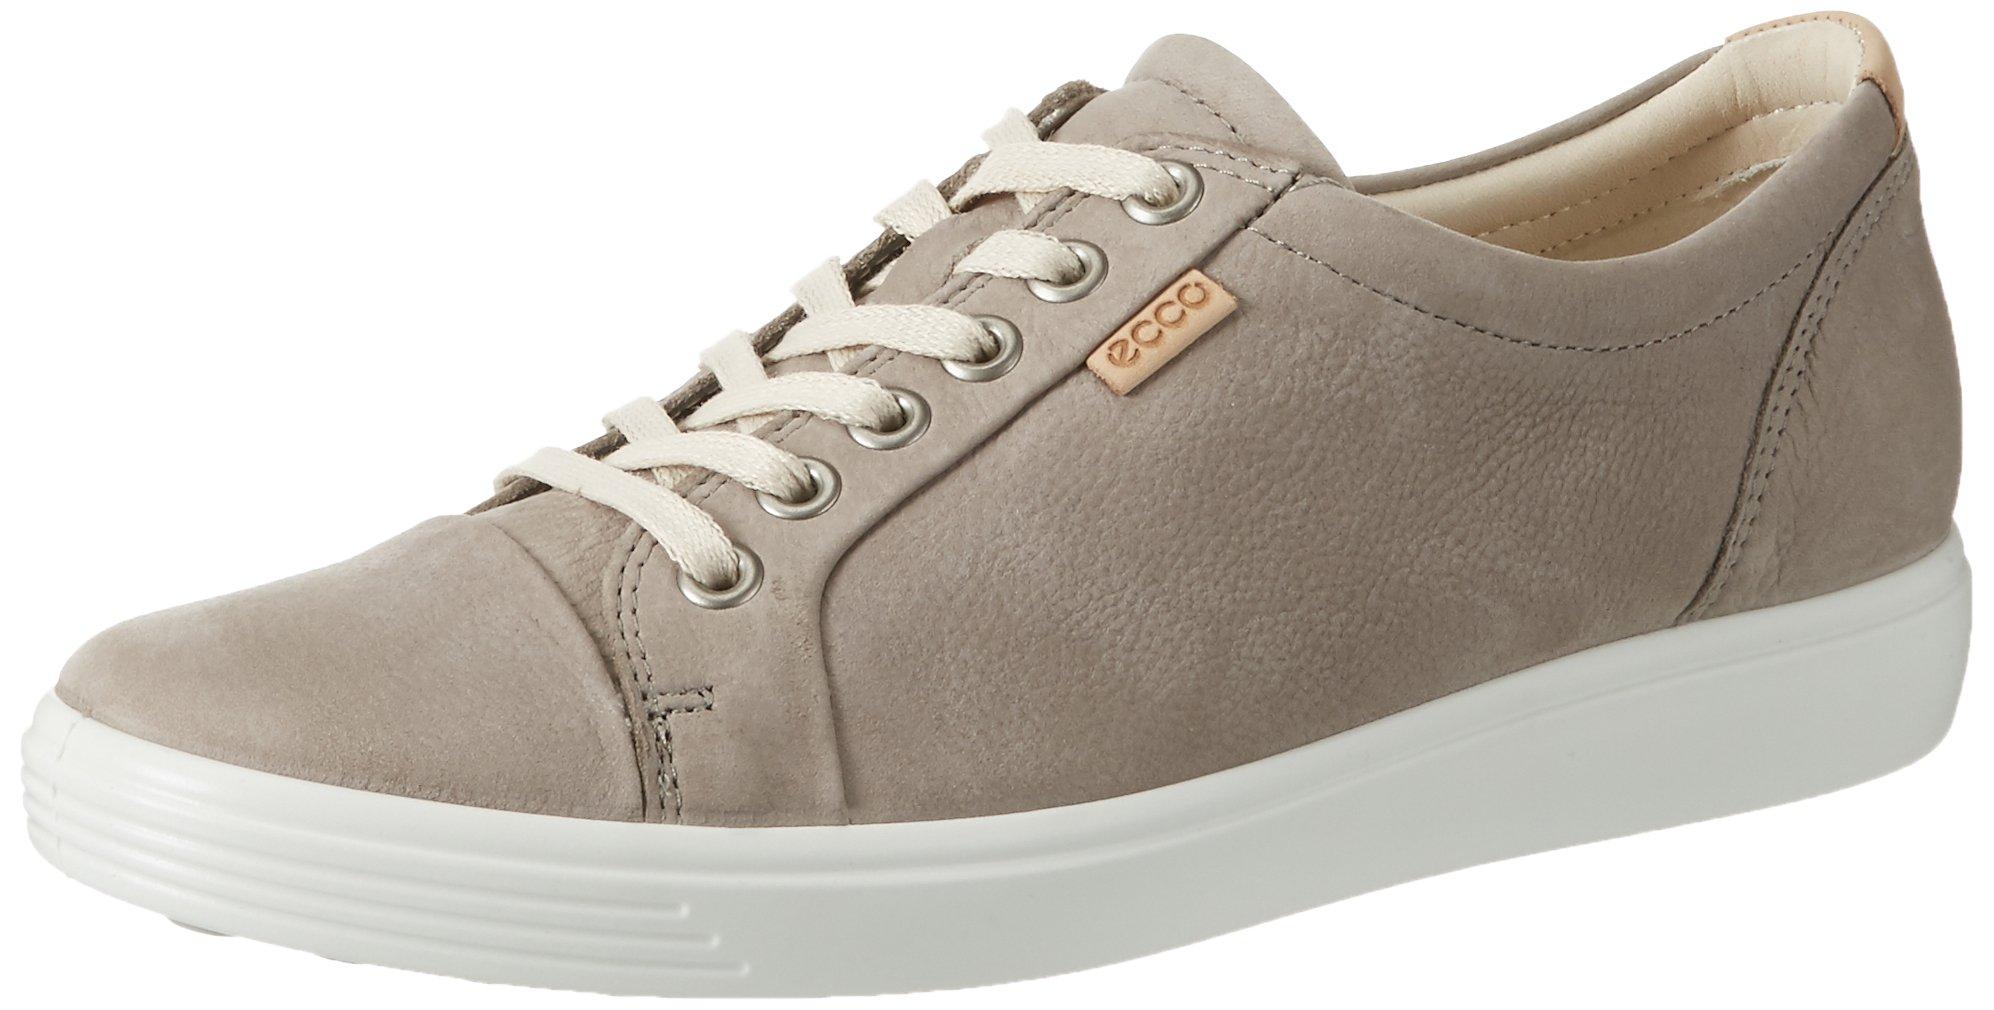 ECCO Women's Women's Soft 7 Fashion Sneaker, Warm Grey, 41 EU/10-10.5 US